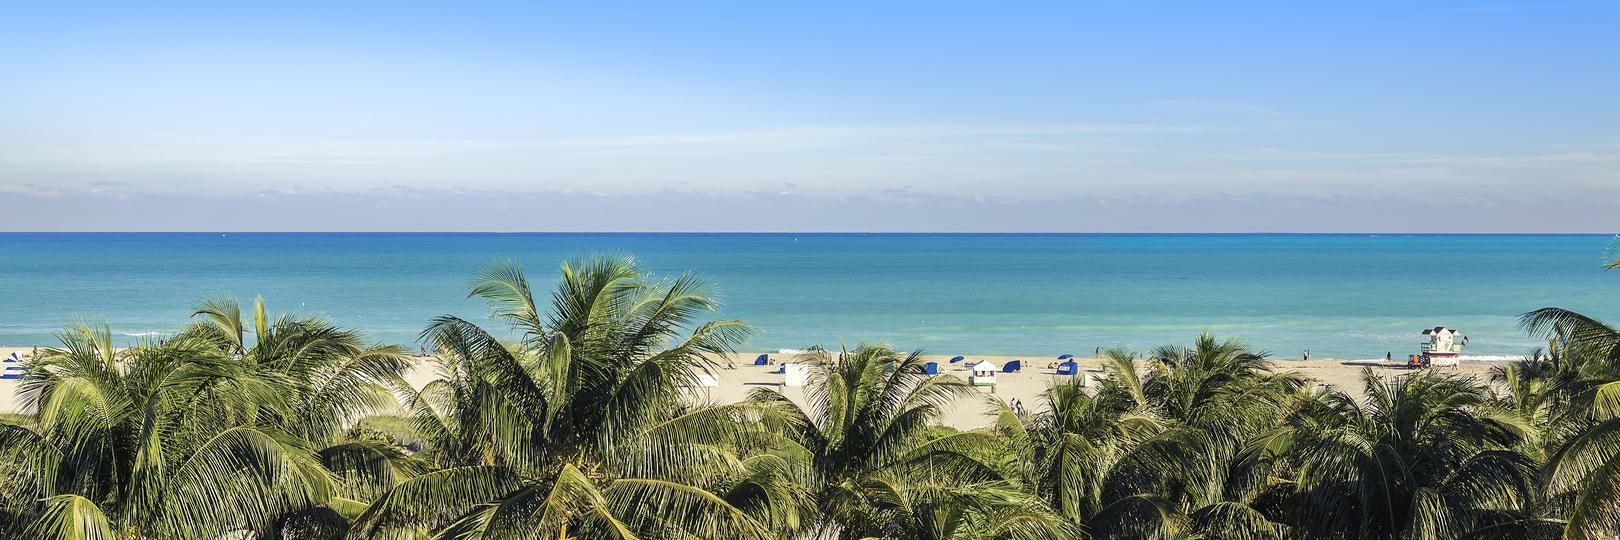 $149 per night for 2 at Florida Beach Resort